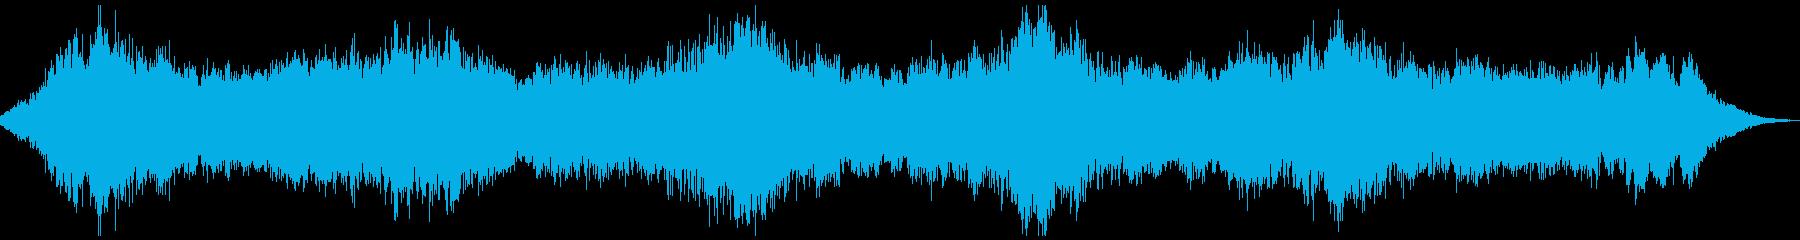 ダークアンビエント_02 ホラースケイプの再生済みの波形